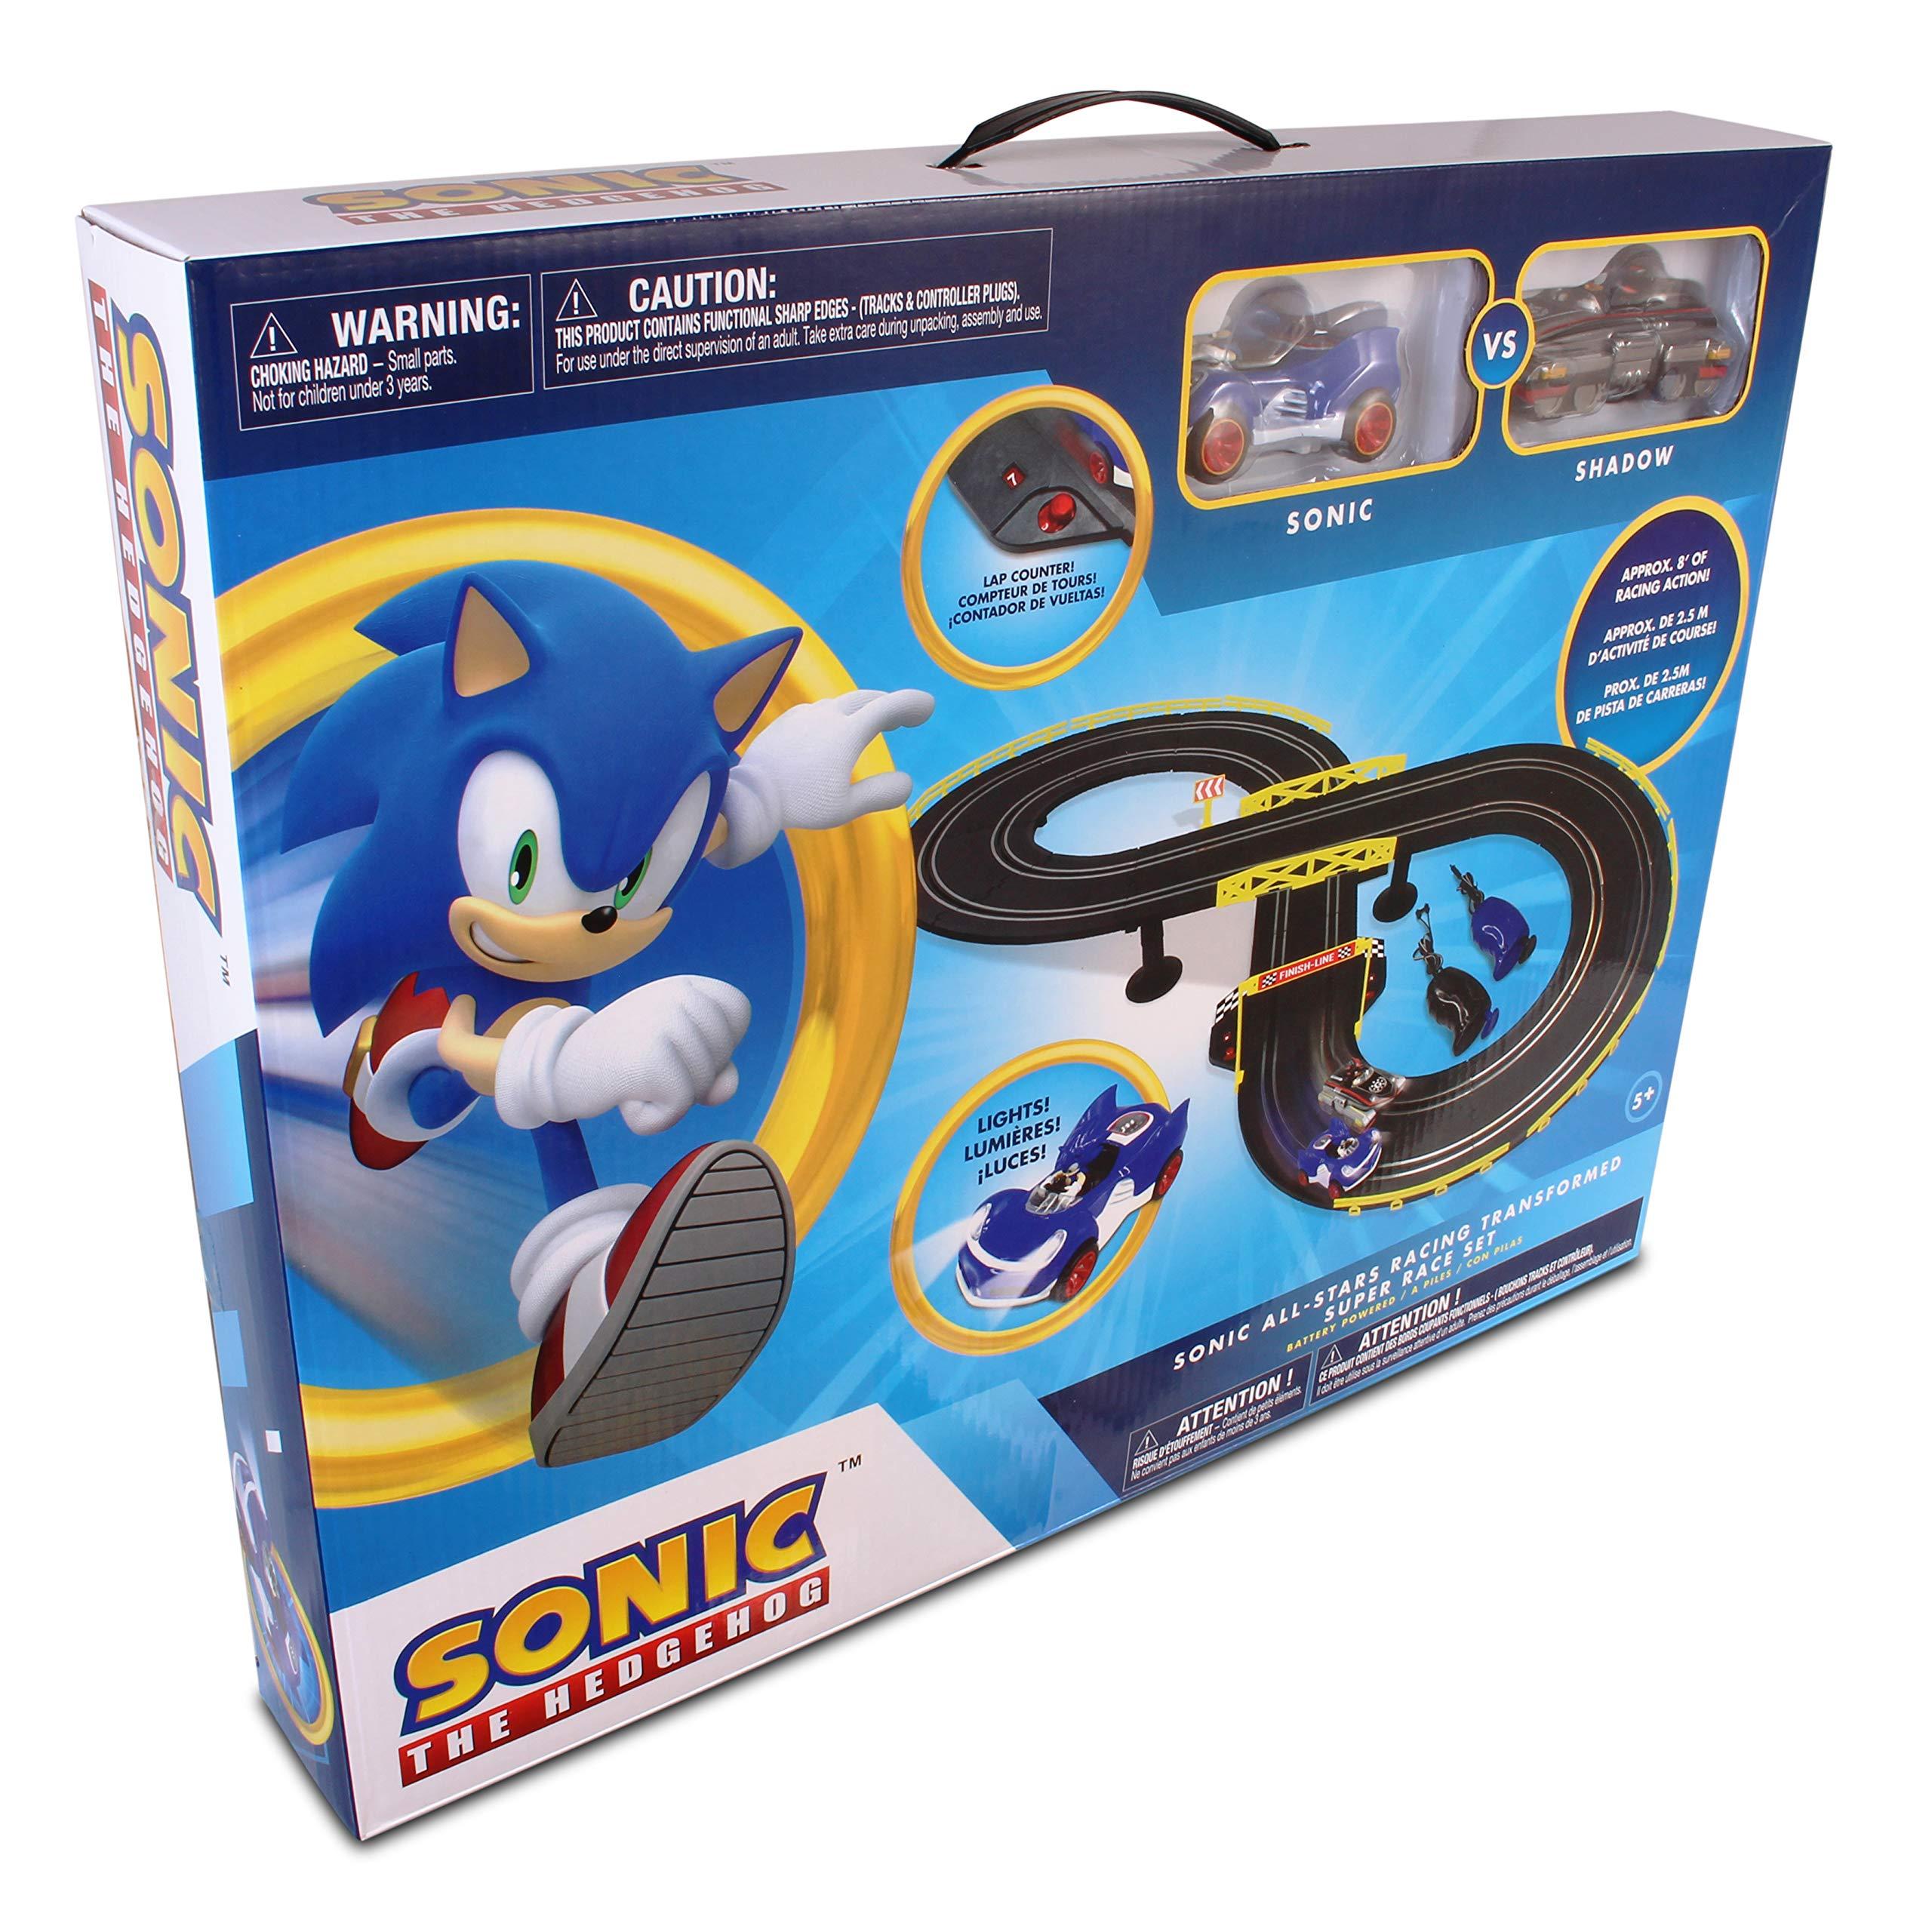 NKOK Sonic & Shadow RC Slot Car Set Race Set Vehicle